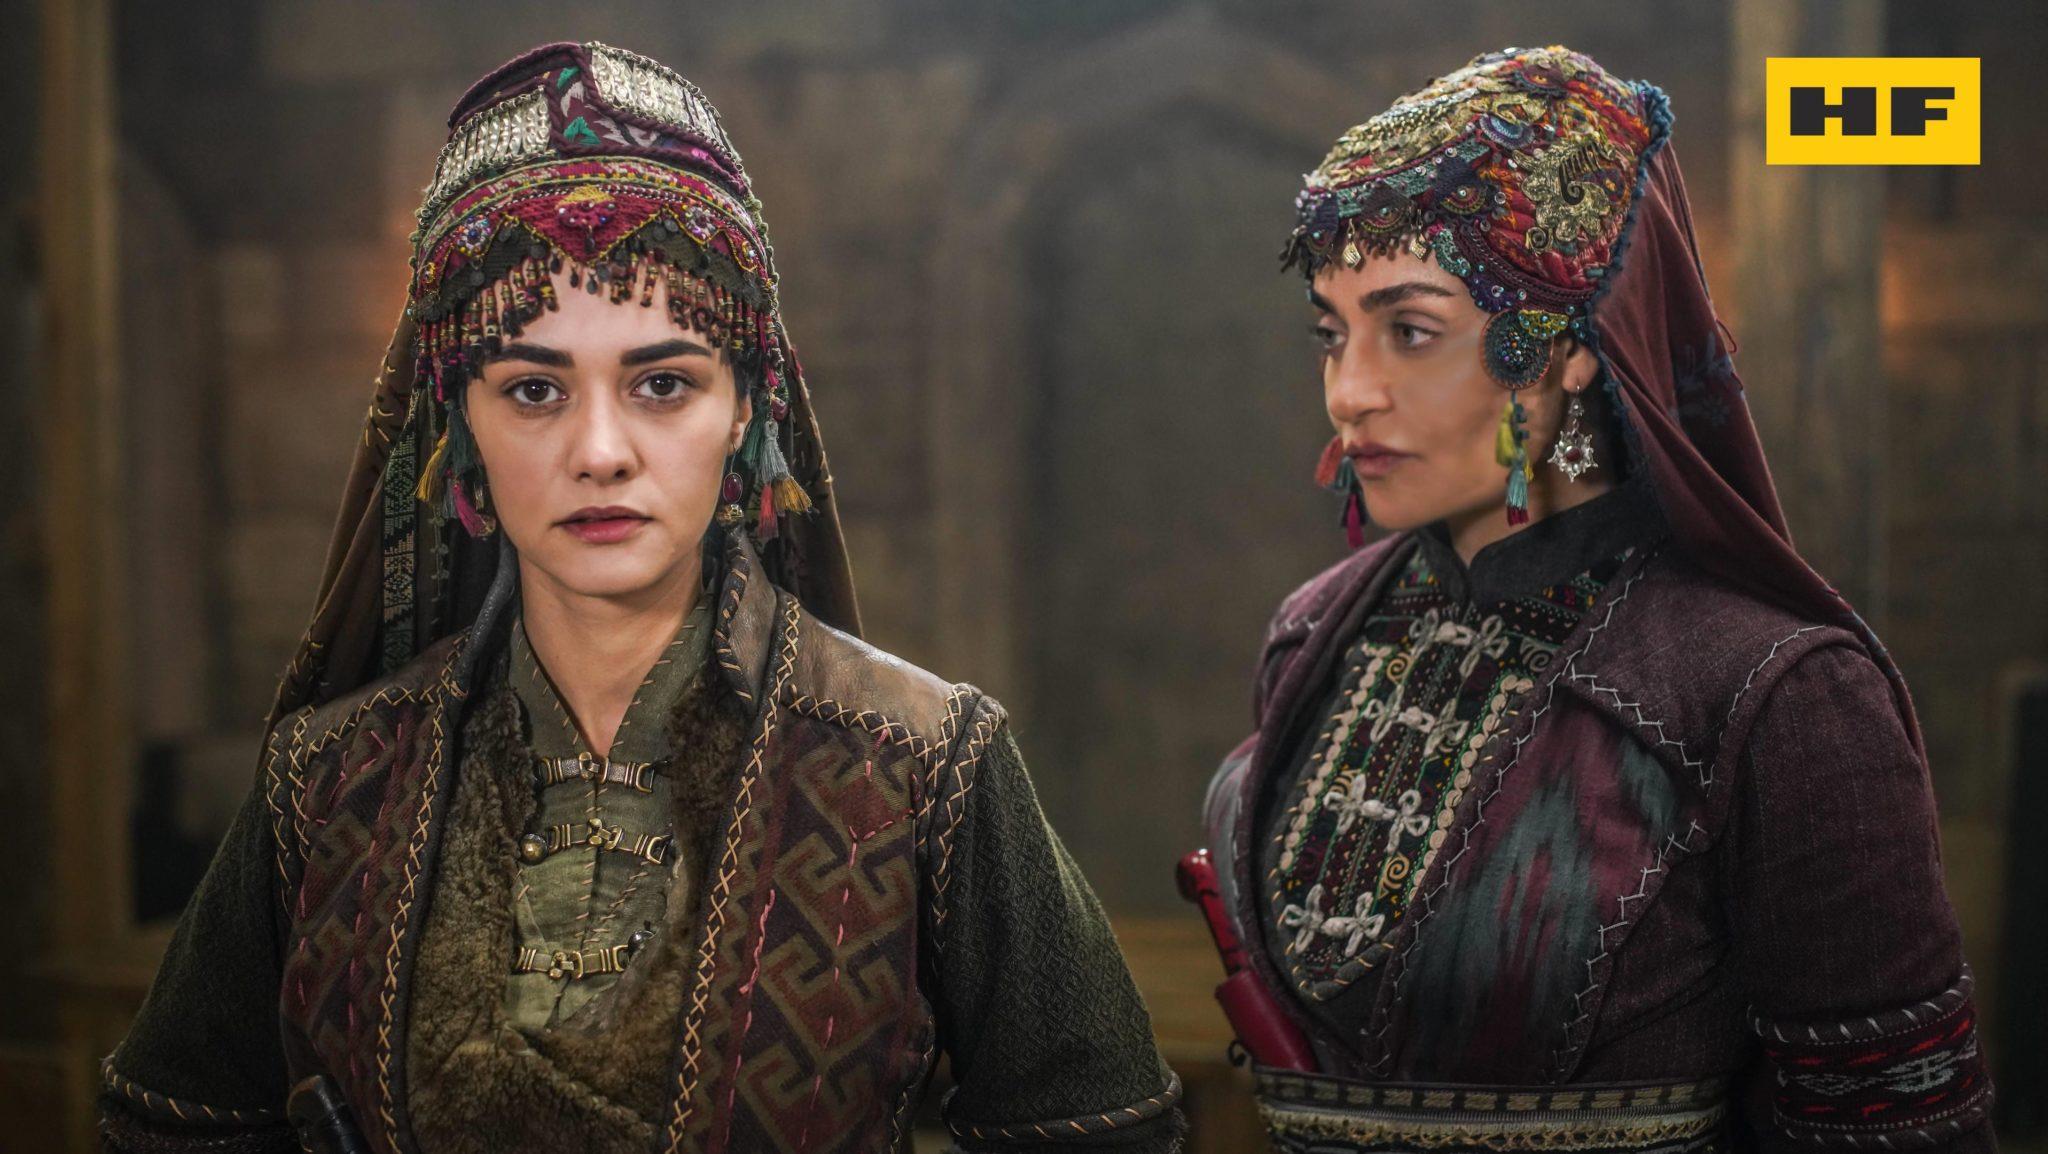 release of dirilis ertugrul season 5 episode 17